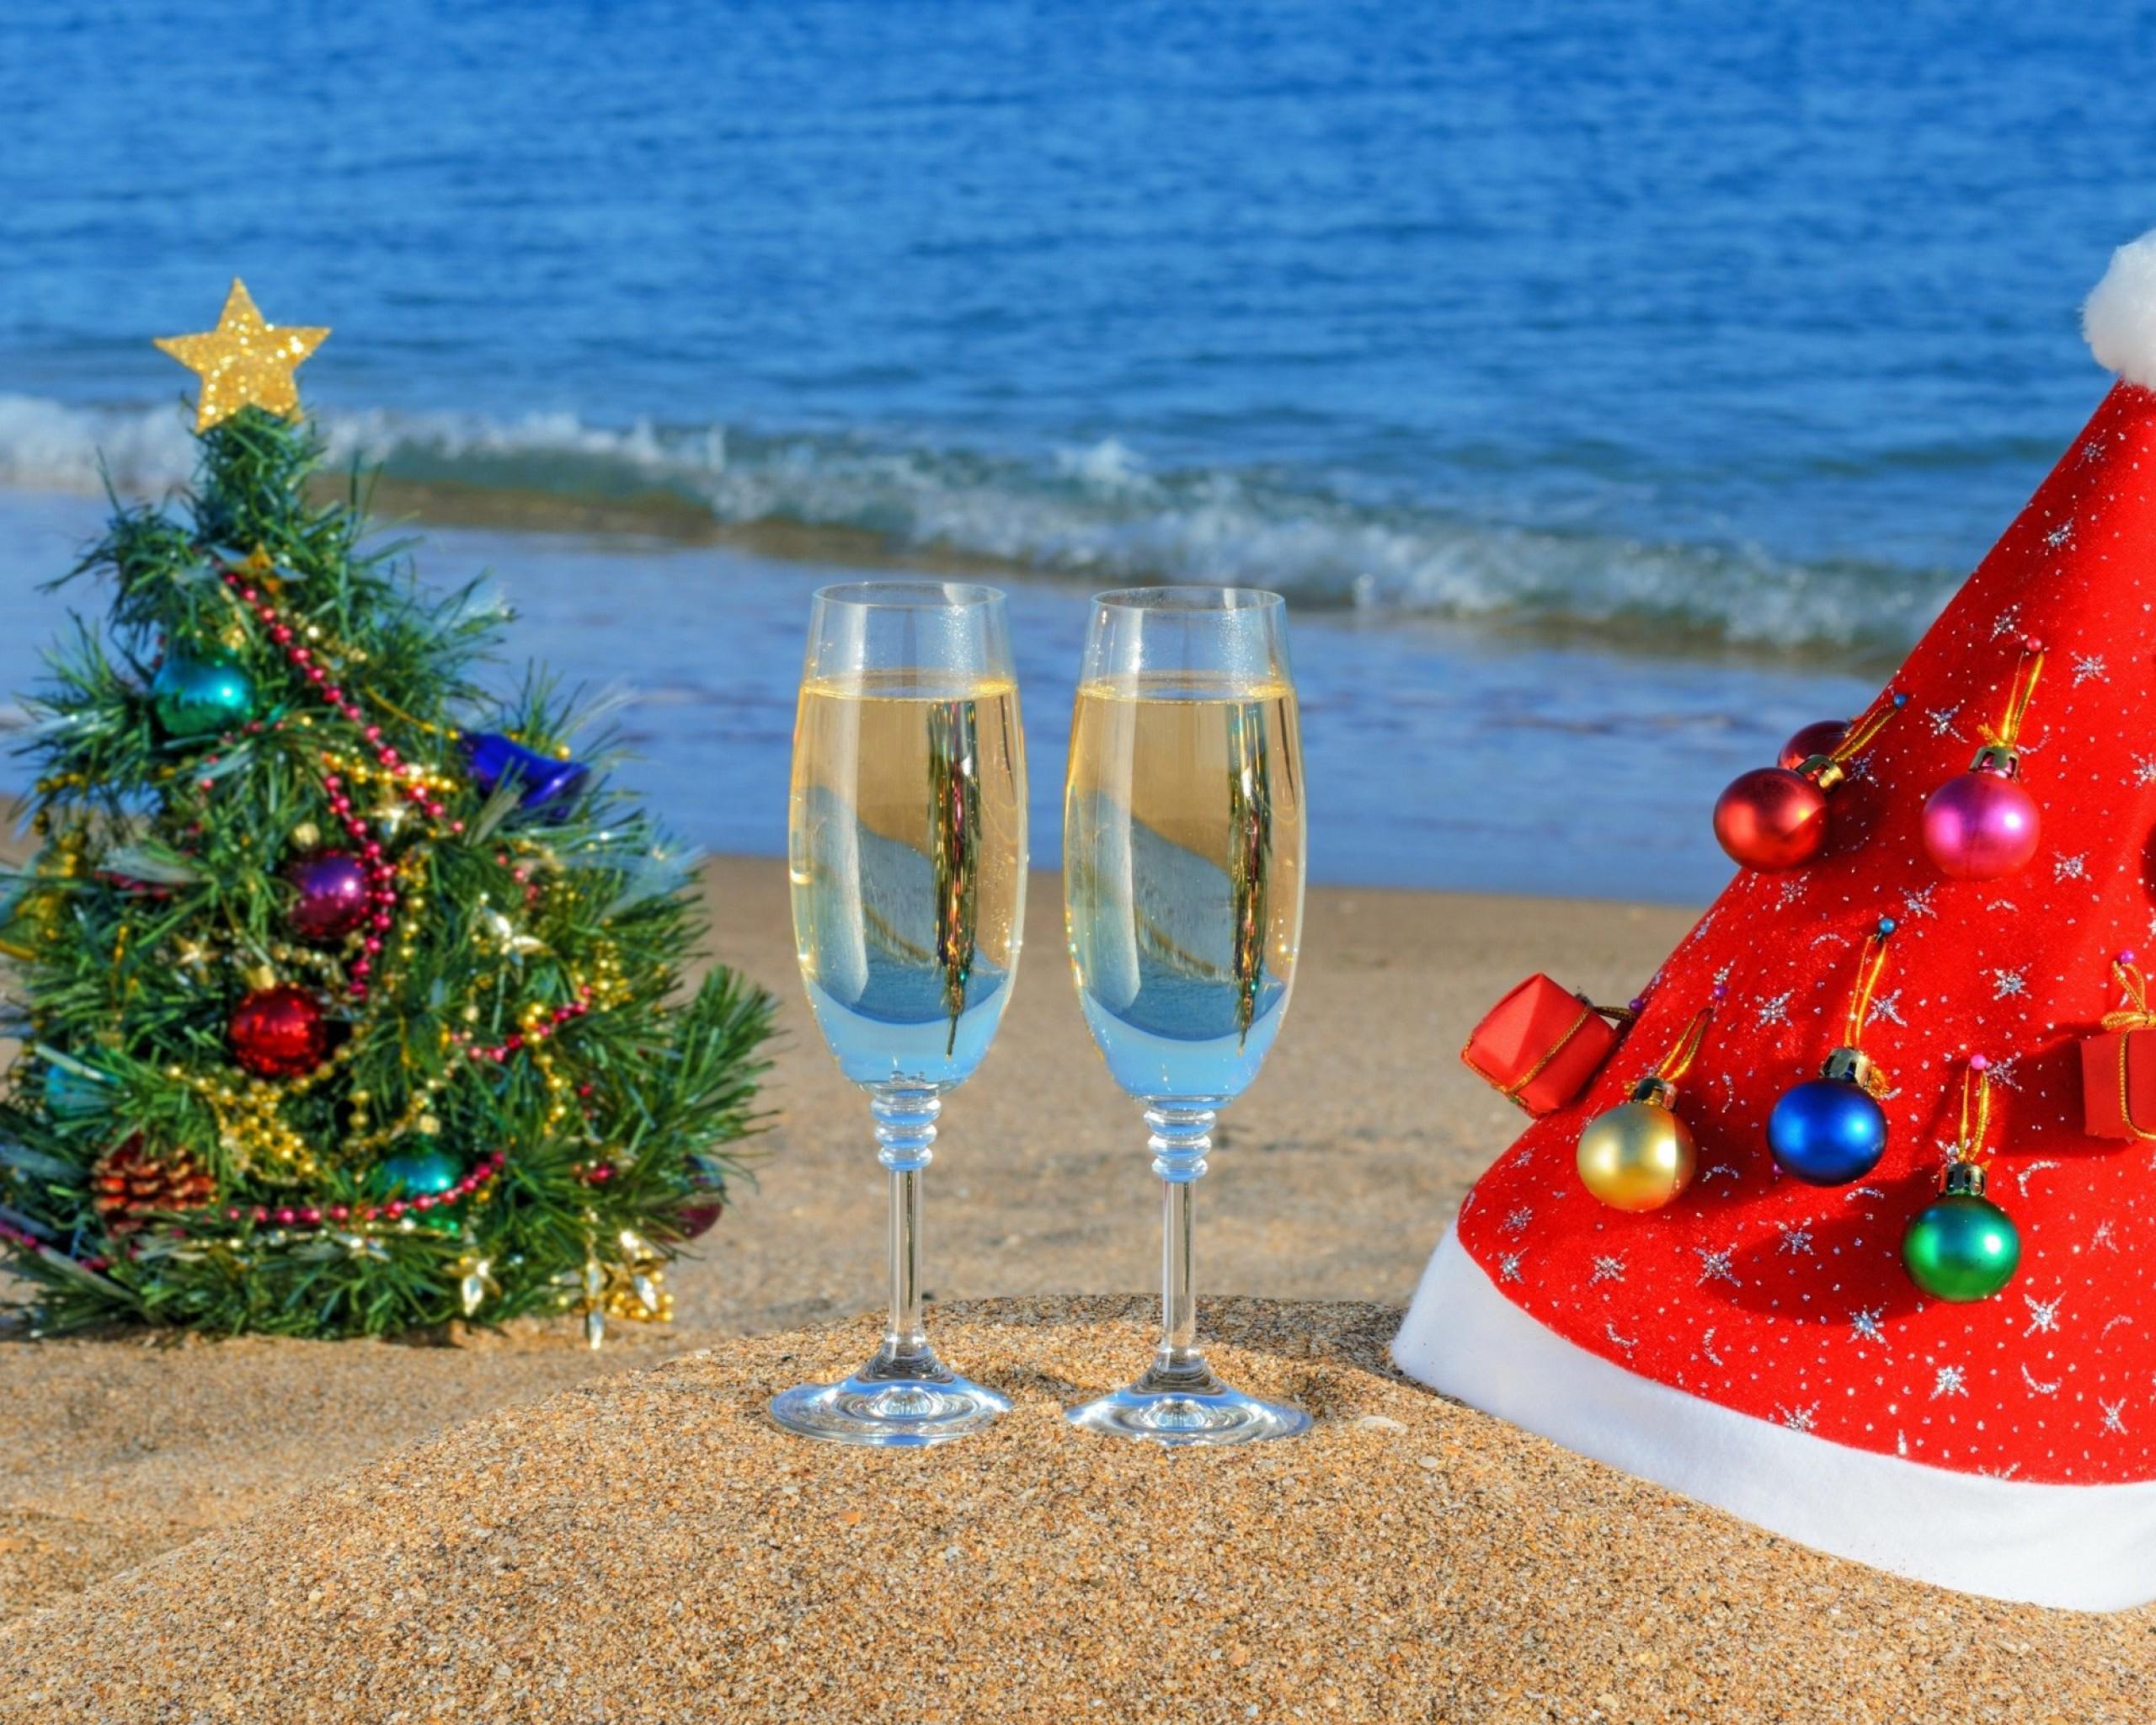 Туроператоры рассказали об экономии туристов в новогодние праздники